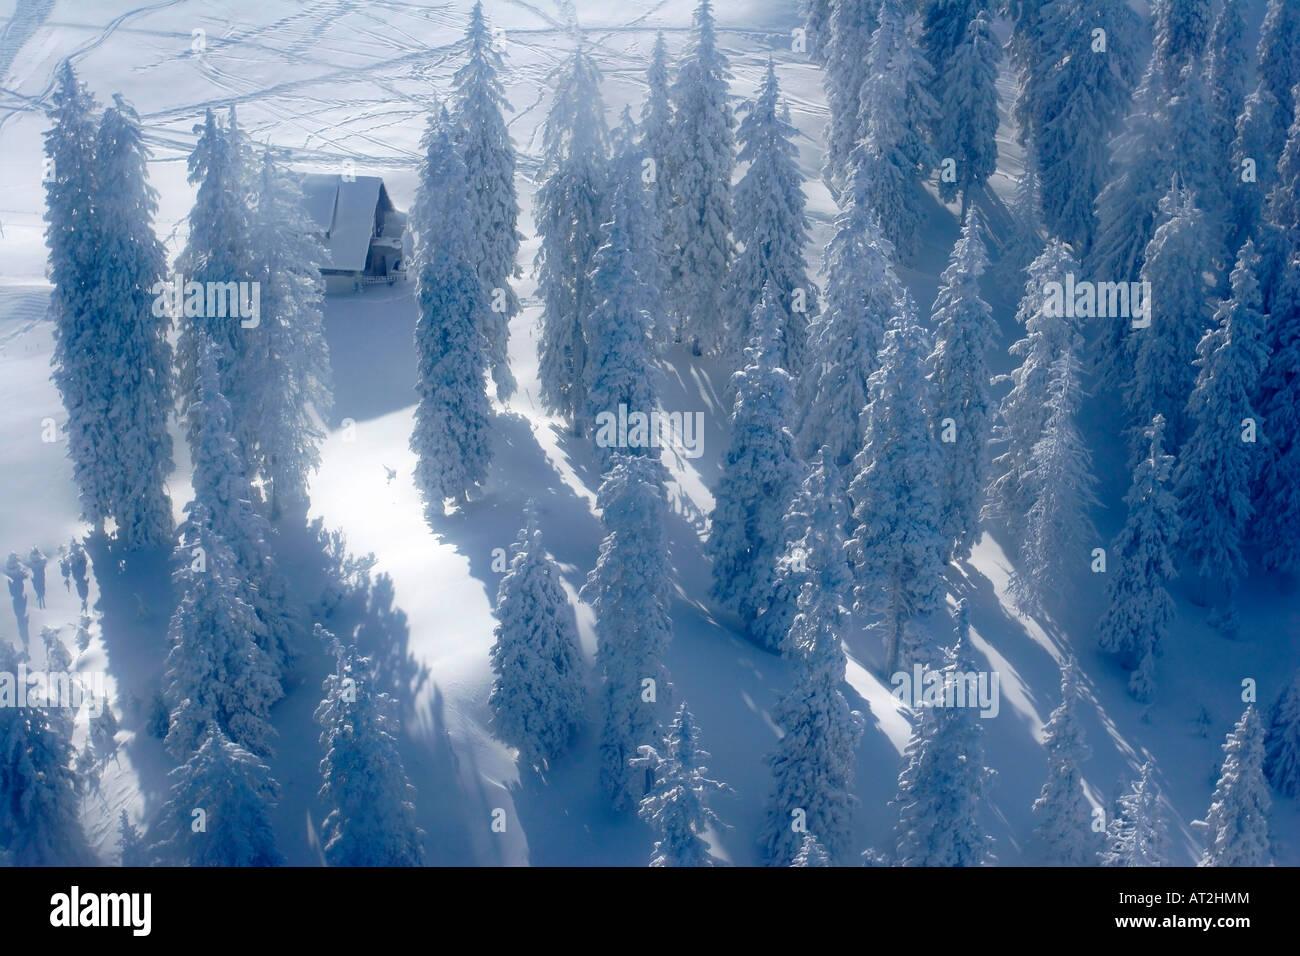 Kiefern, die mit Schnee bedeckt Stockbild